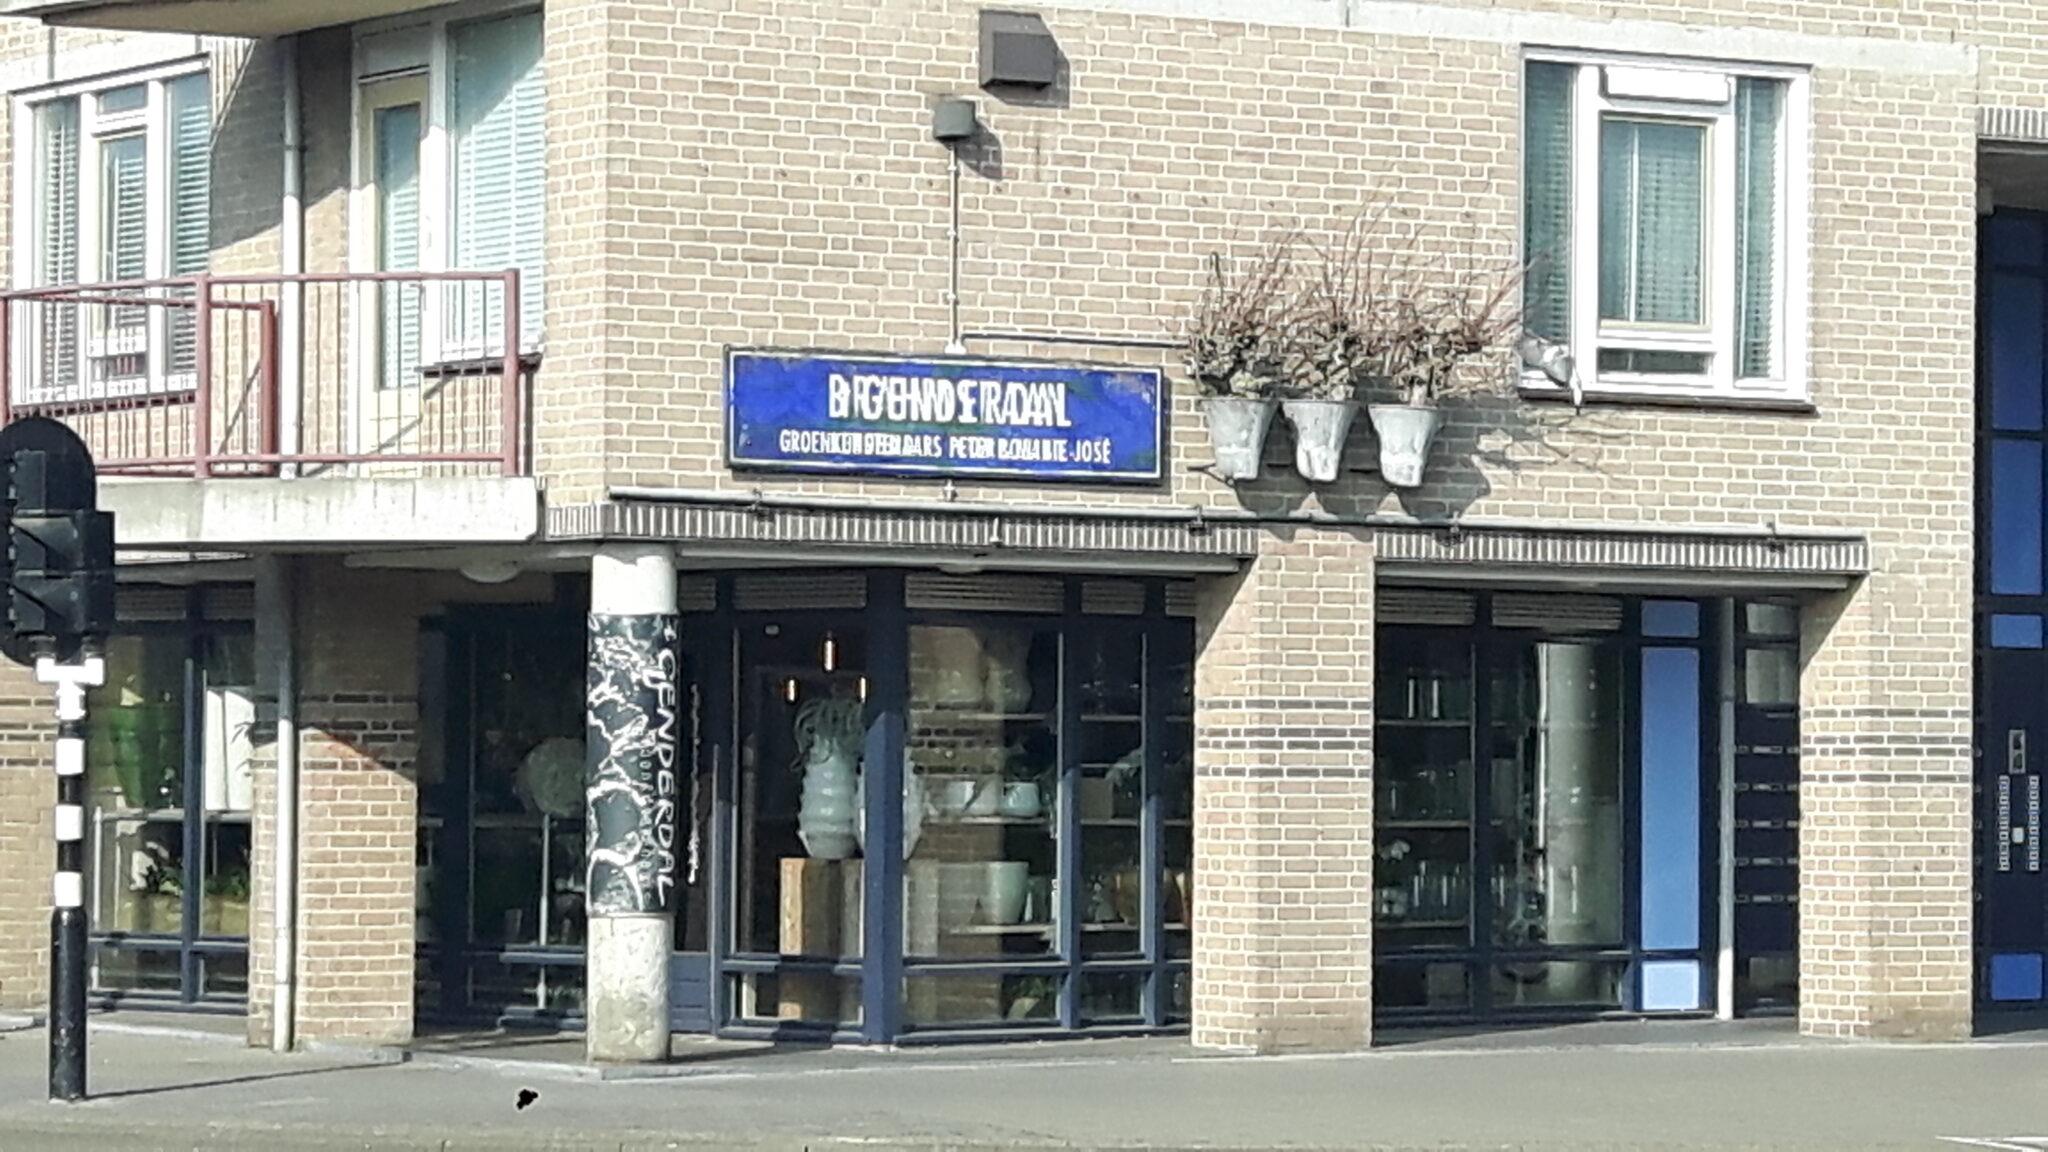 Bord bij bloemenzaak 't Genderdal